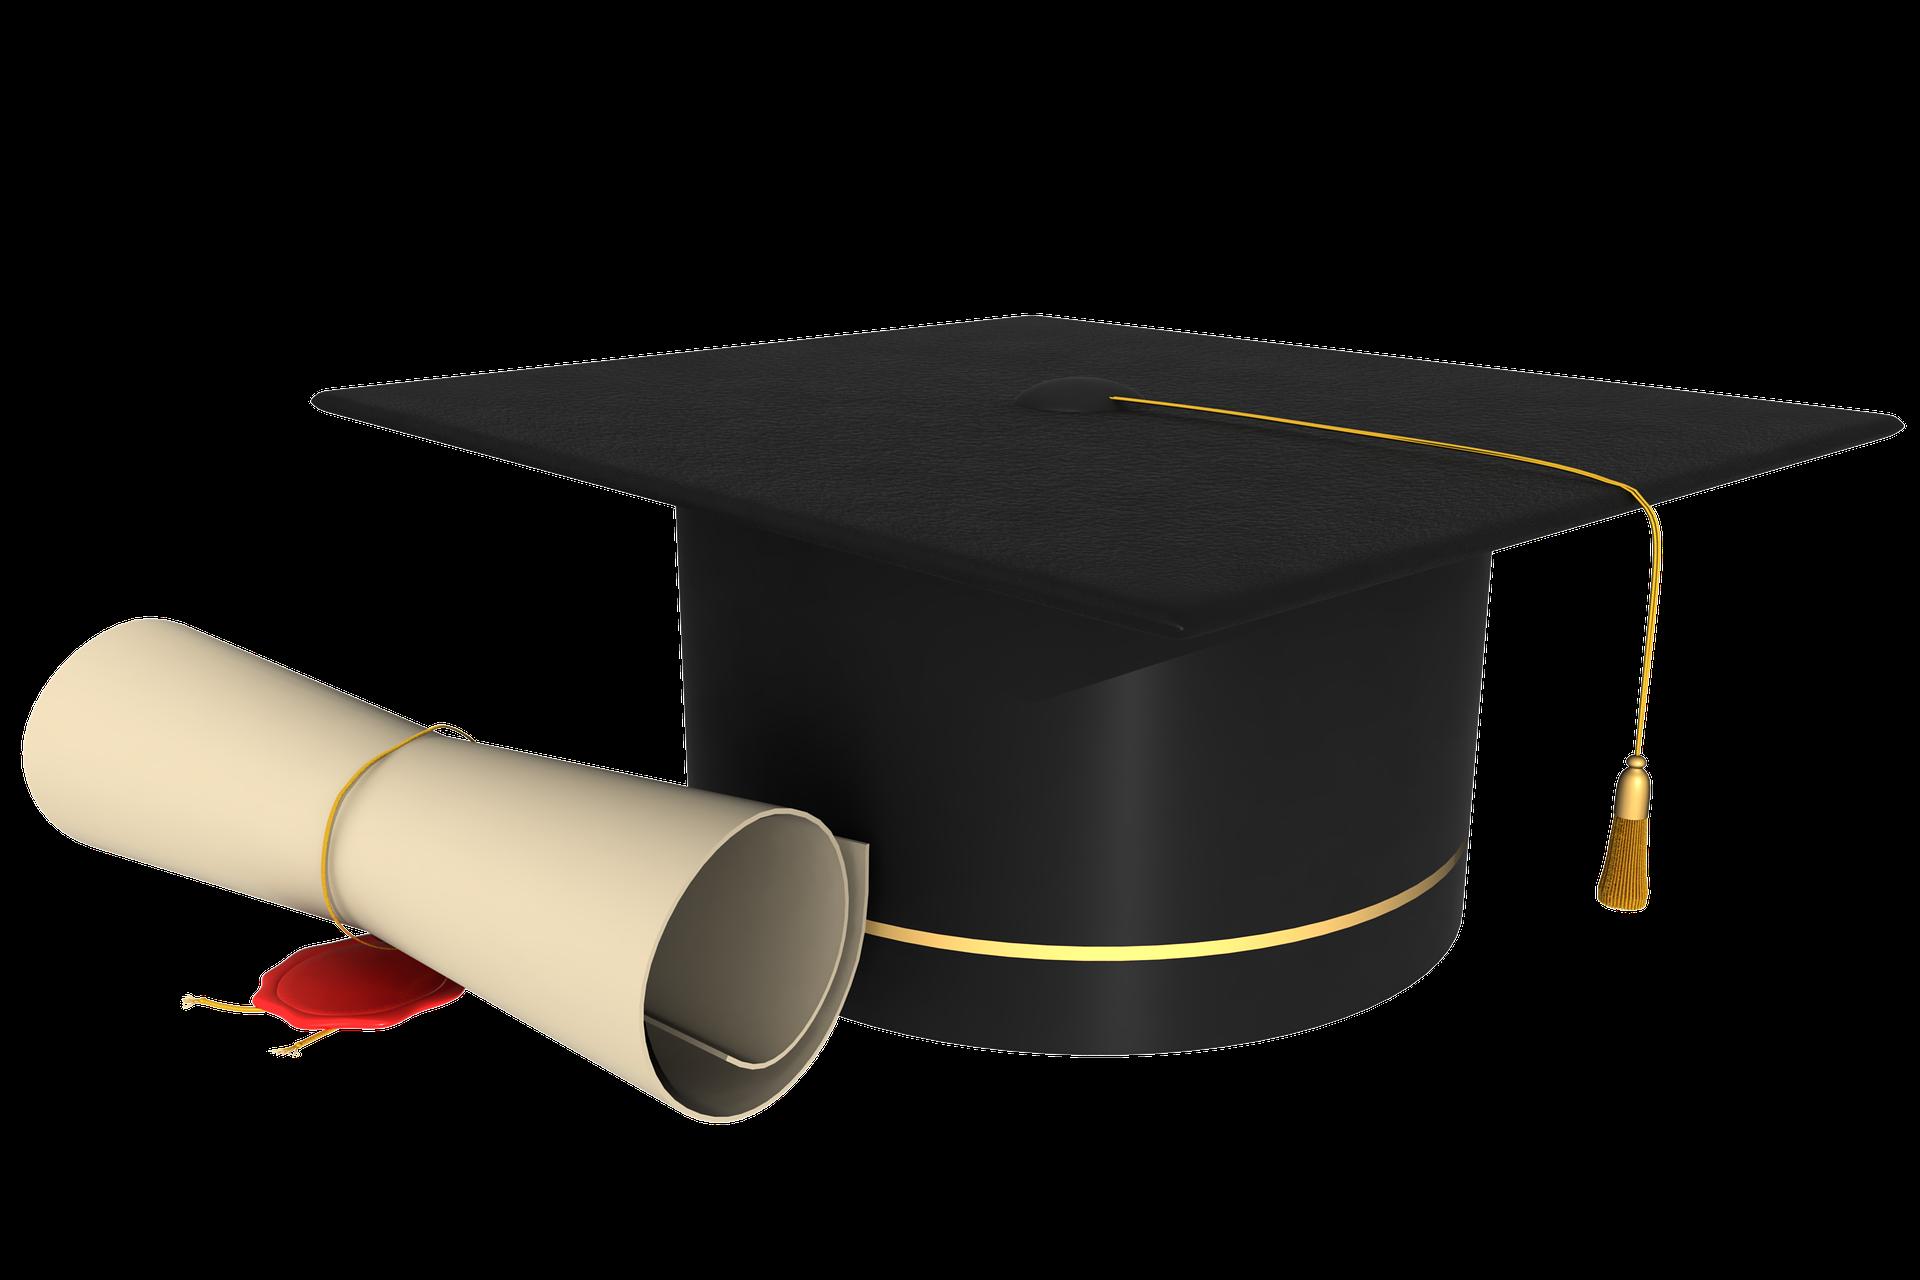 Revisión académica – ¡Consigue publicar tus artículos!